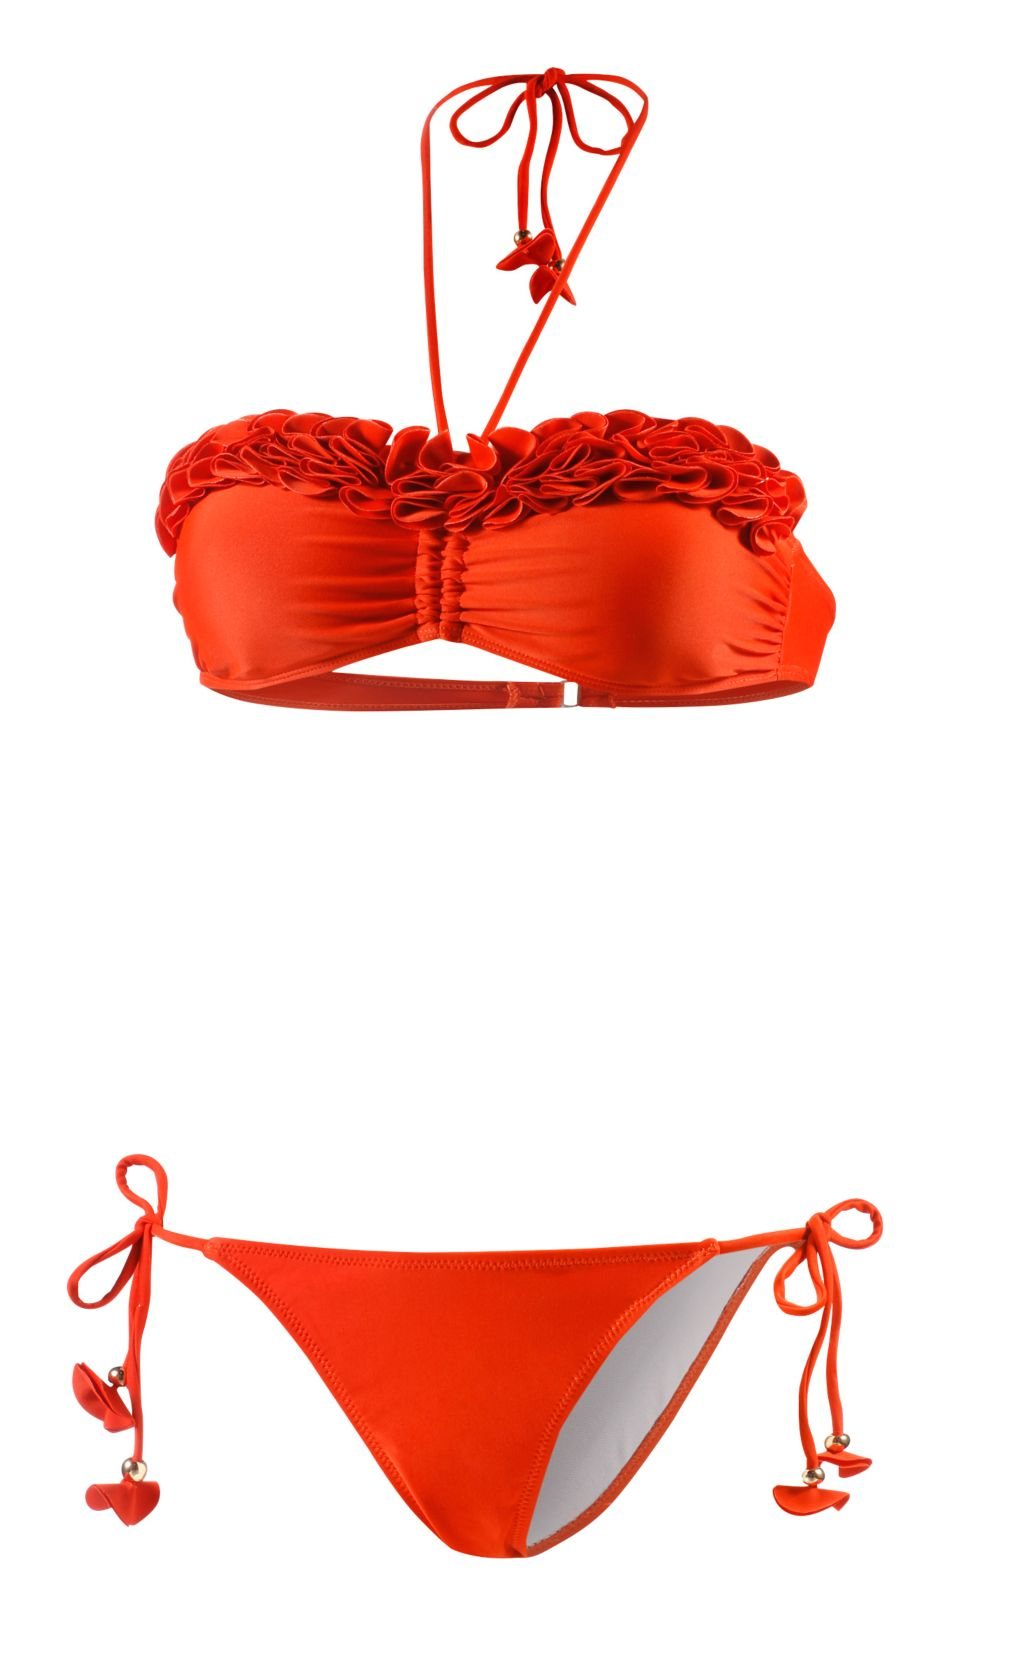 d28b5aceba157c Maui Wowie Bandeau Bikini Damen€ 49,95€ 24,95Anbieter: SportscheckVersand:  € 5,95 -50%